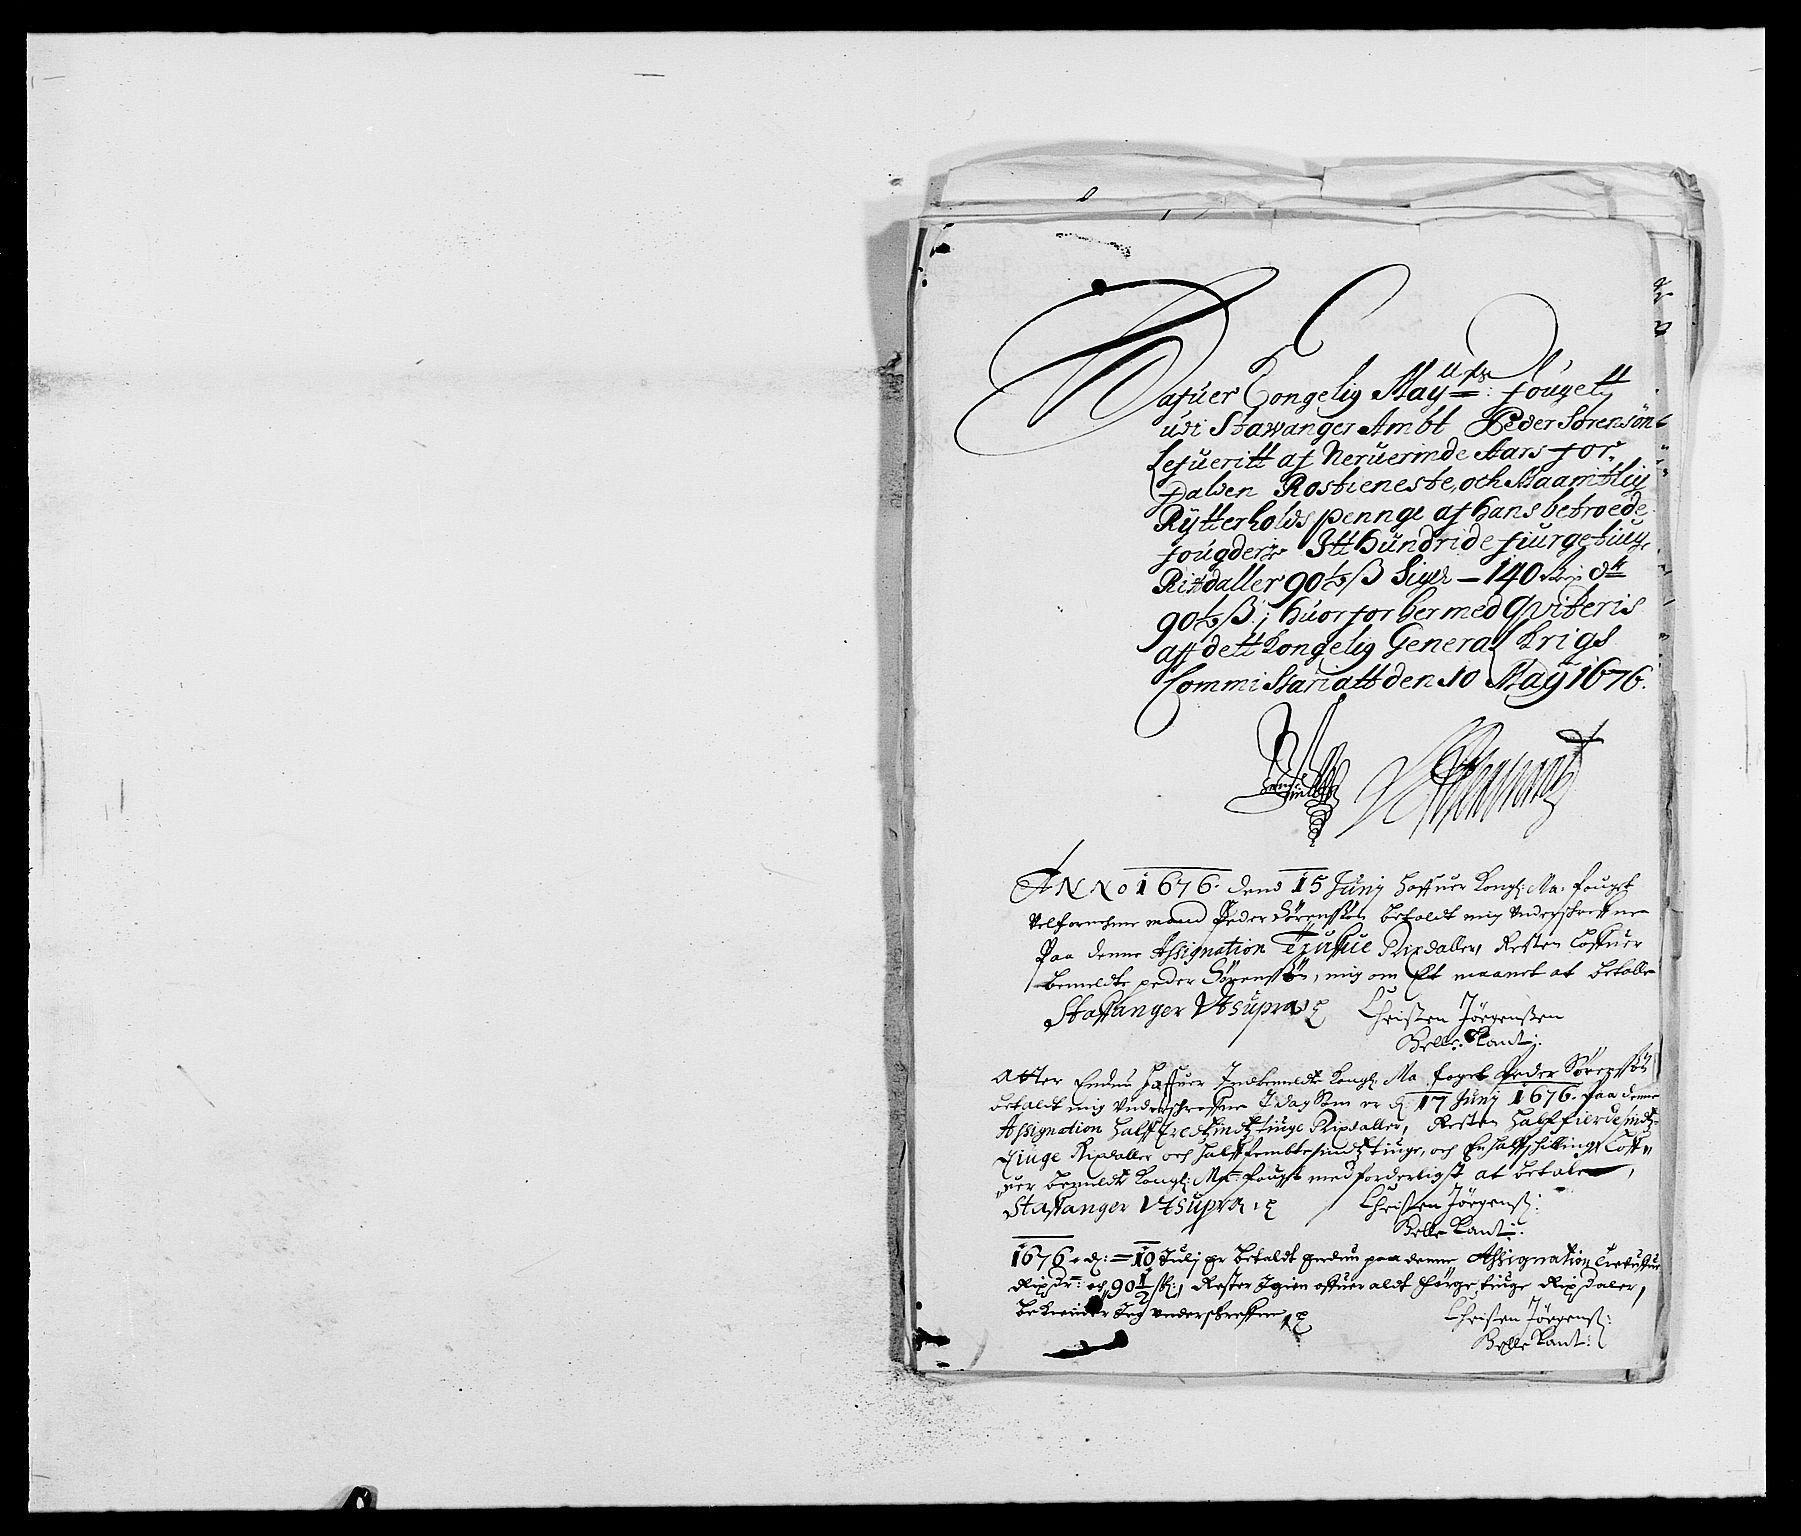 RA, Rentekammeret inntil 1814, Reviderte regnskaper, Fogderegnskap, R46/L2716: Fogderegnskap Jæren og Dalane, 1676, s. 320